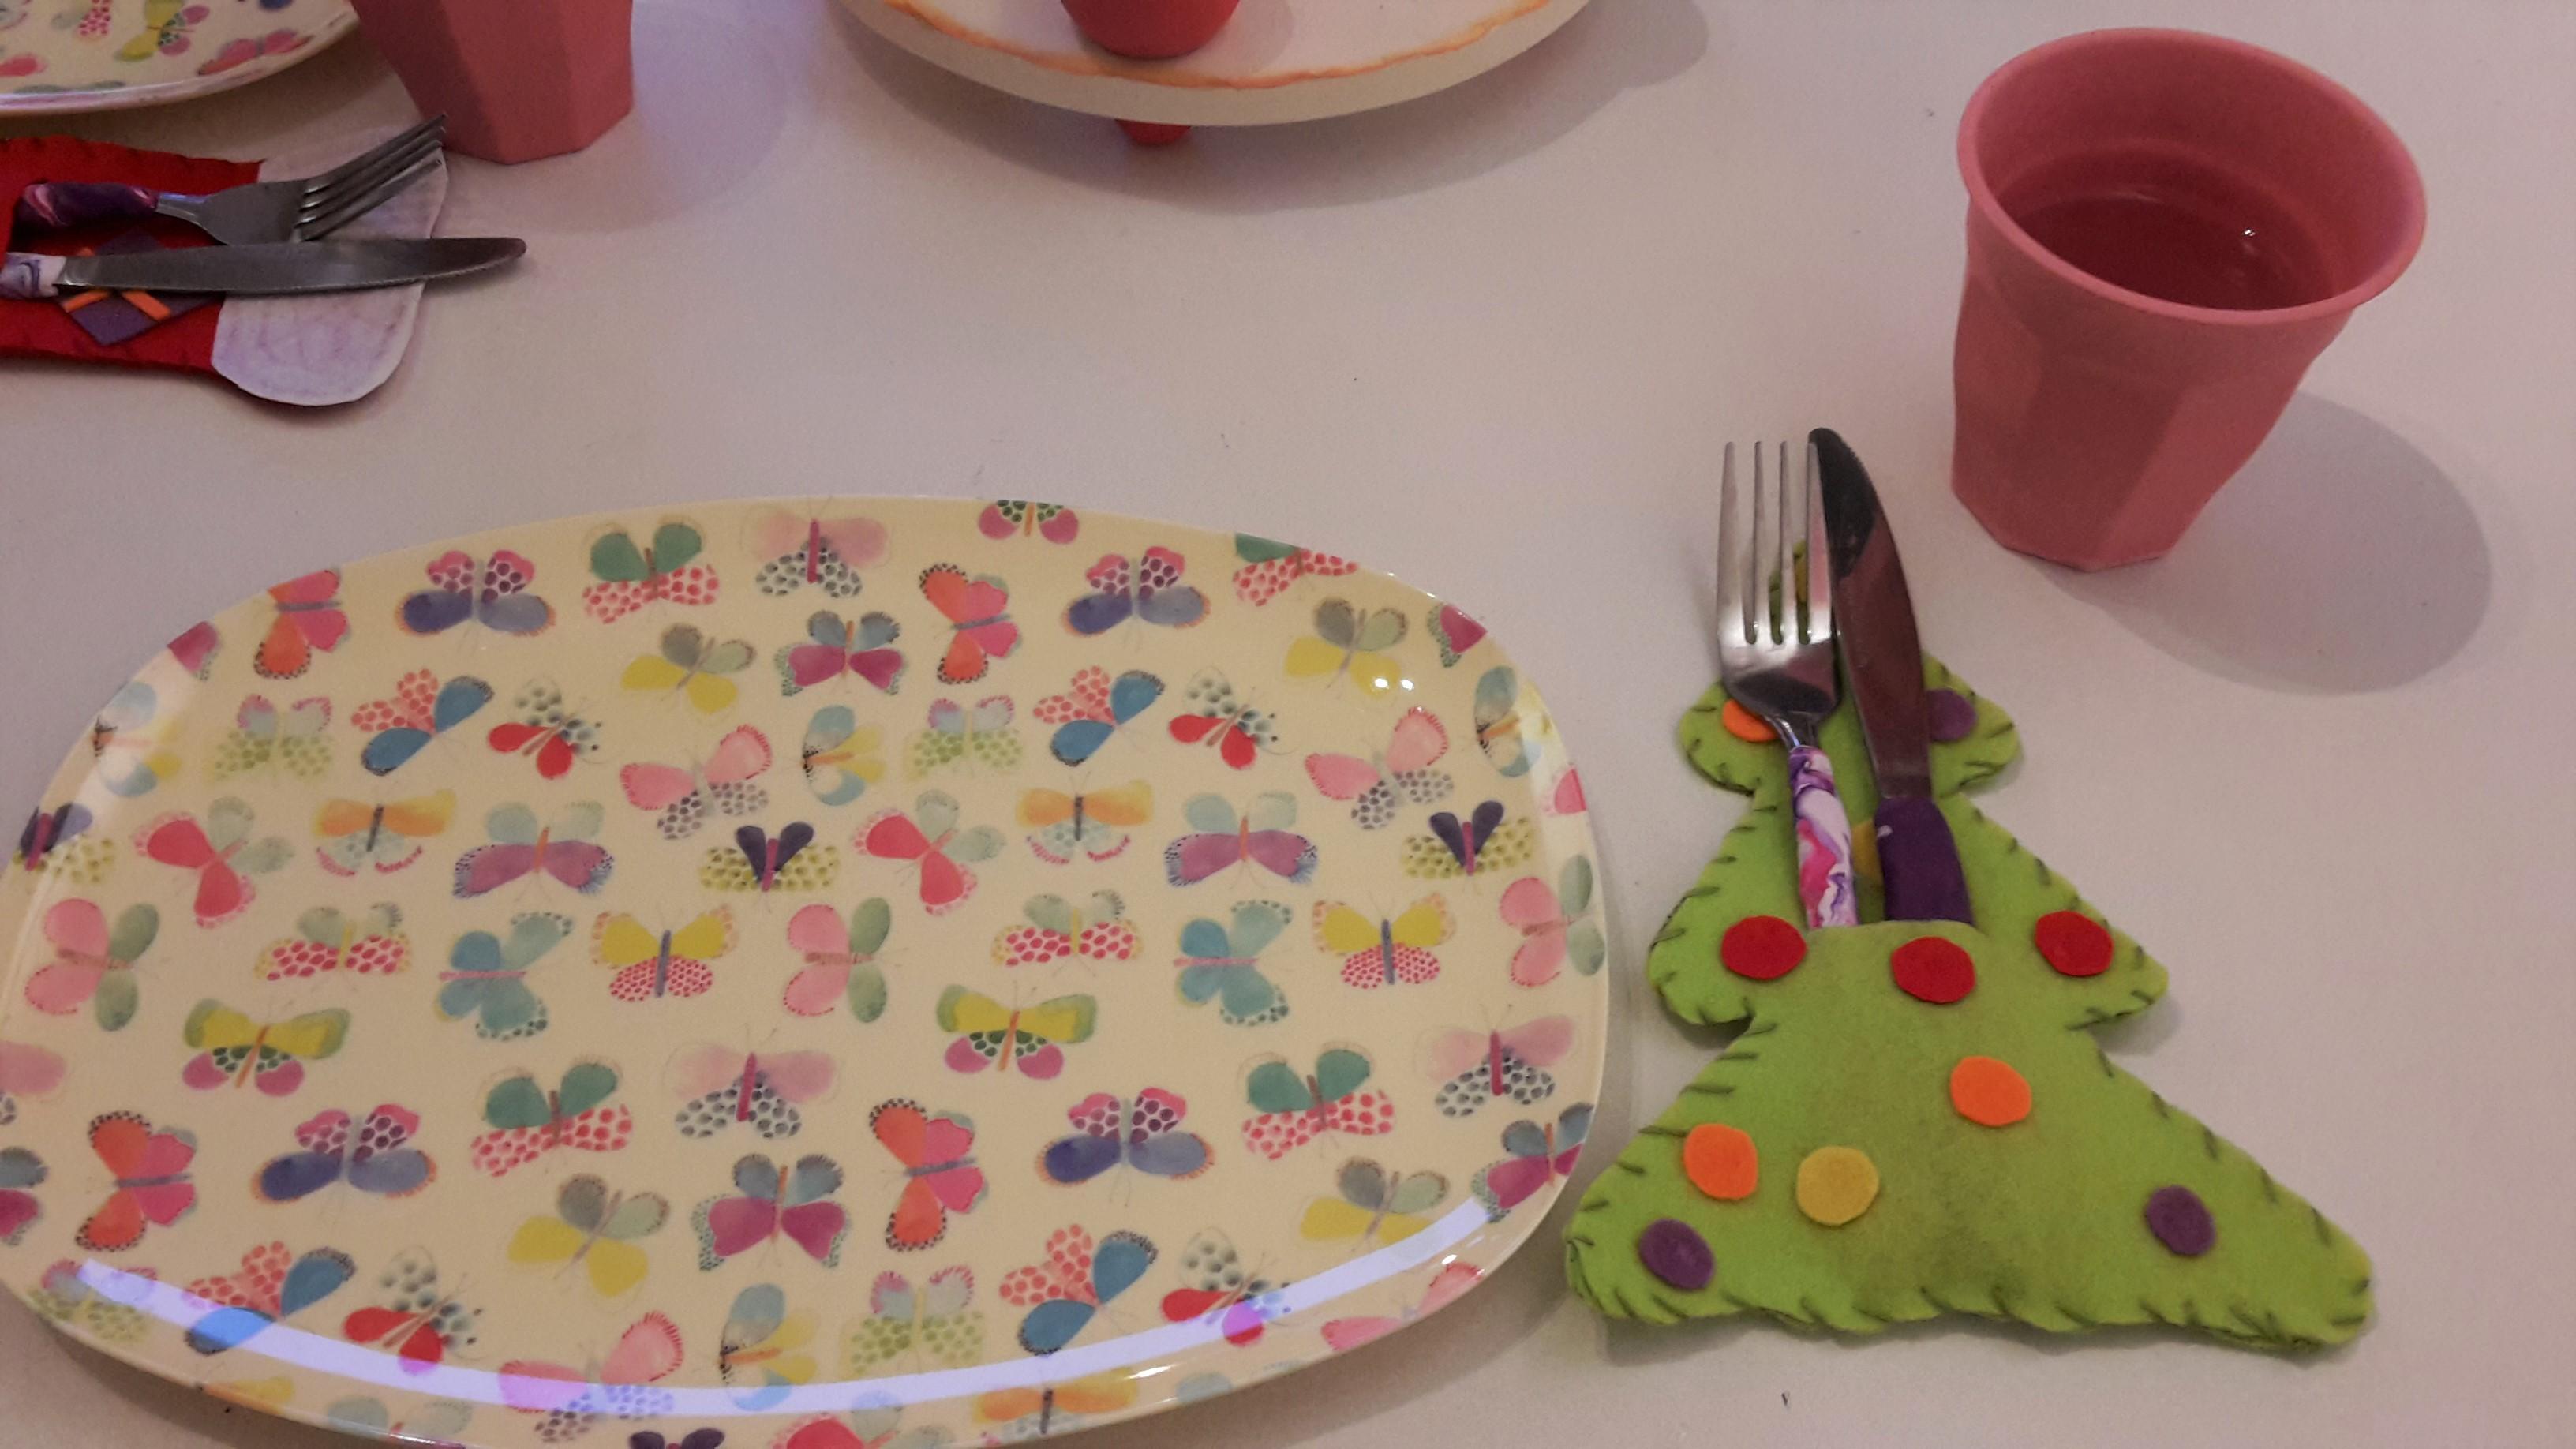 Tischdeko zu Weihnachten aus Filz – DIY